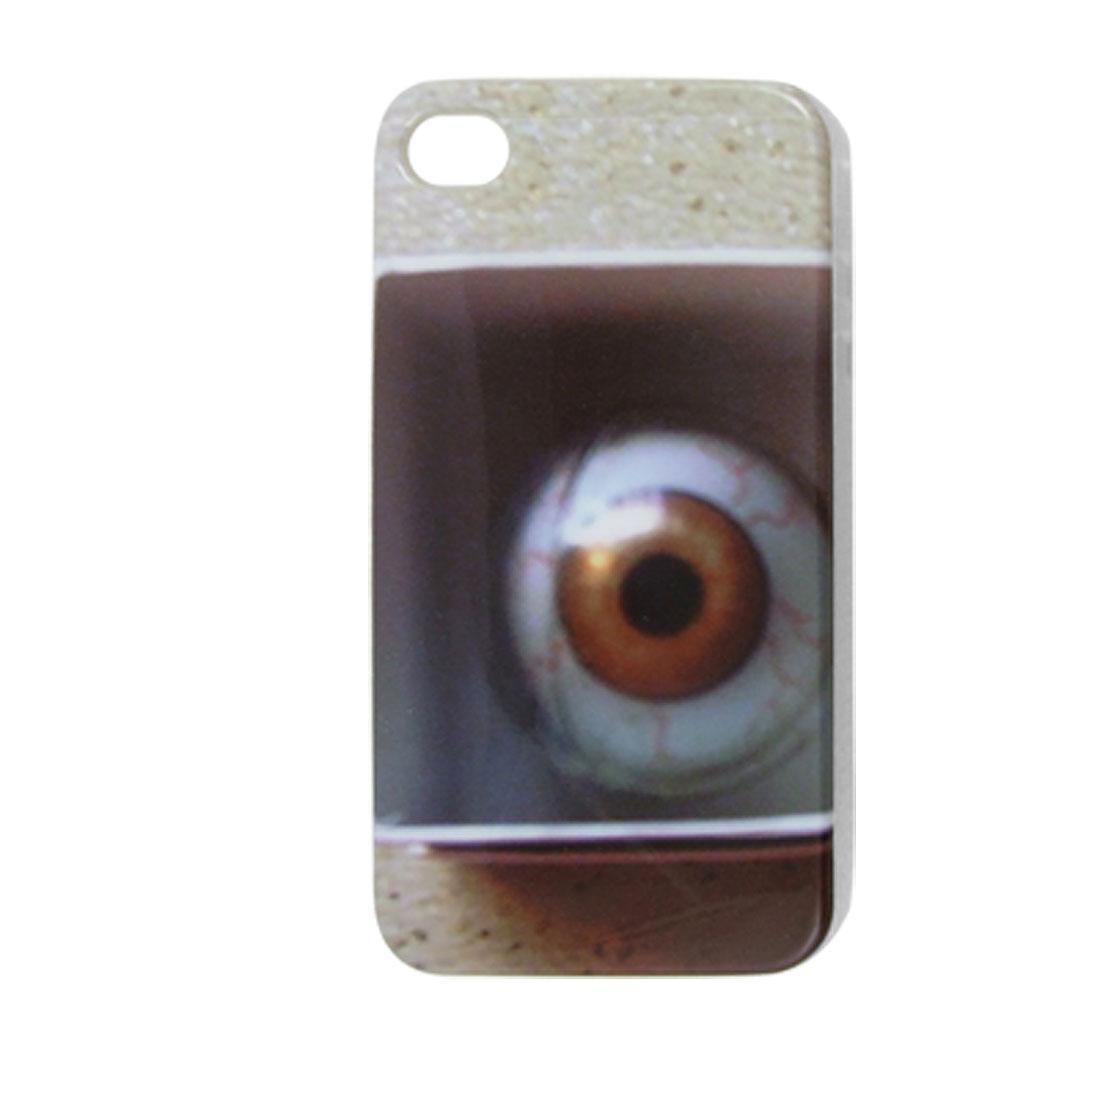 Eyeball Print IMD Hard Plastic Back Cover for iPhone 4 4G